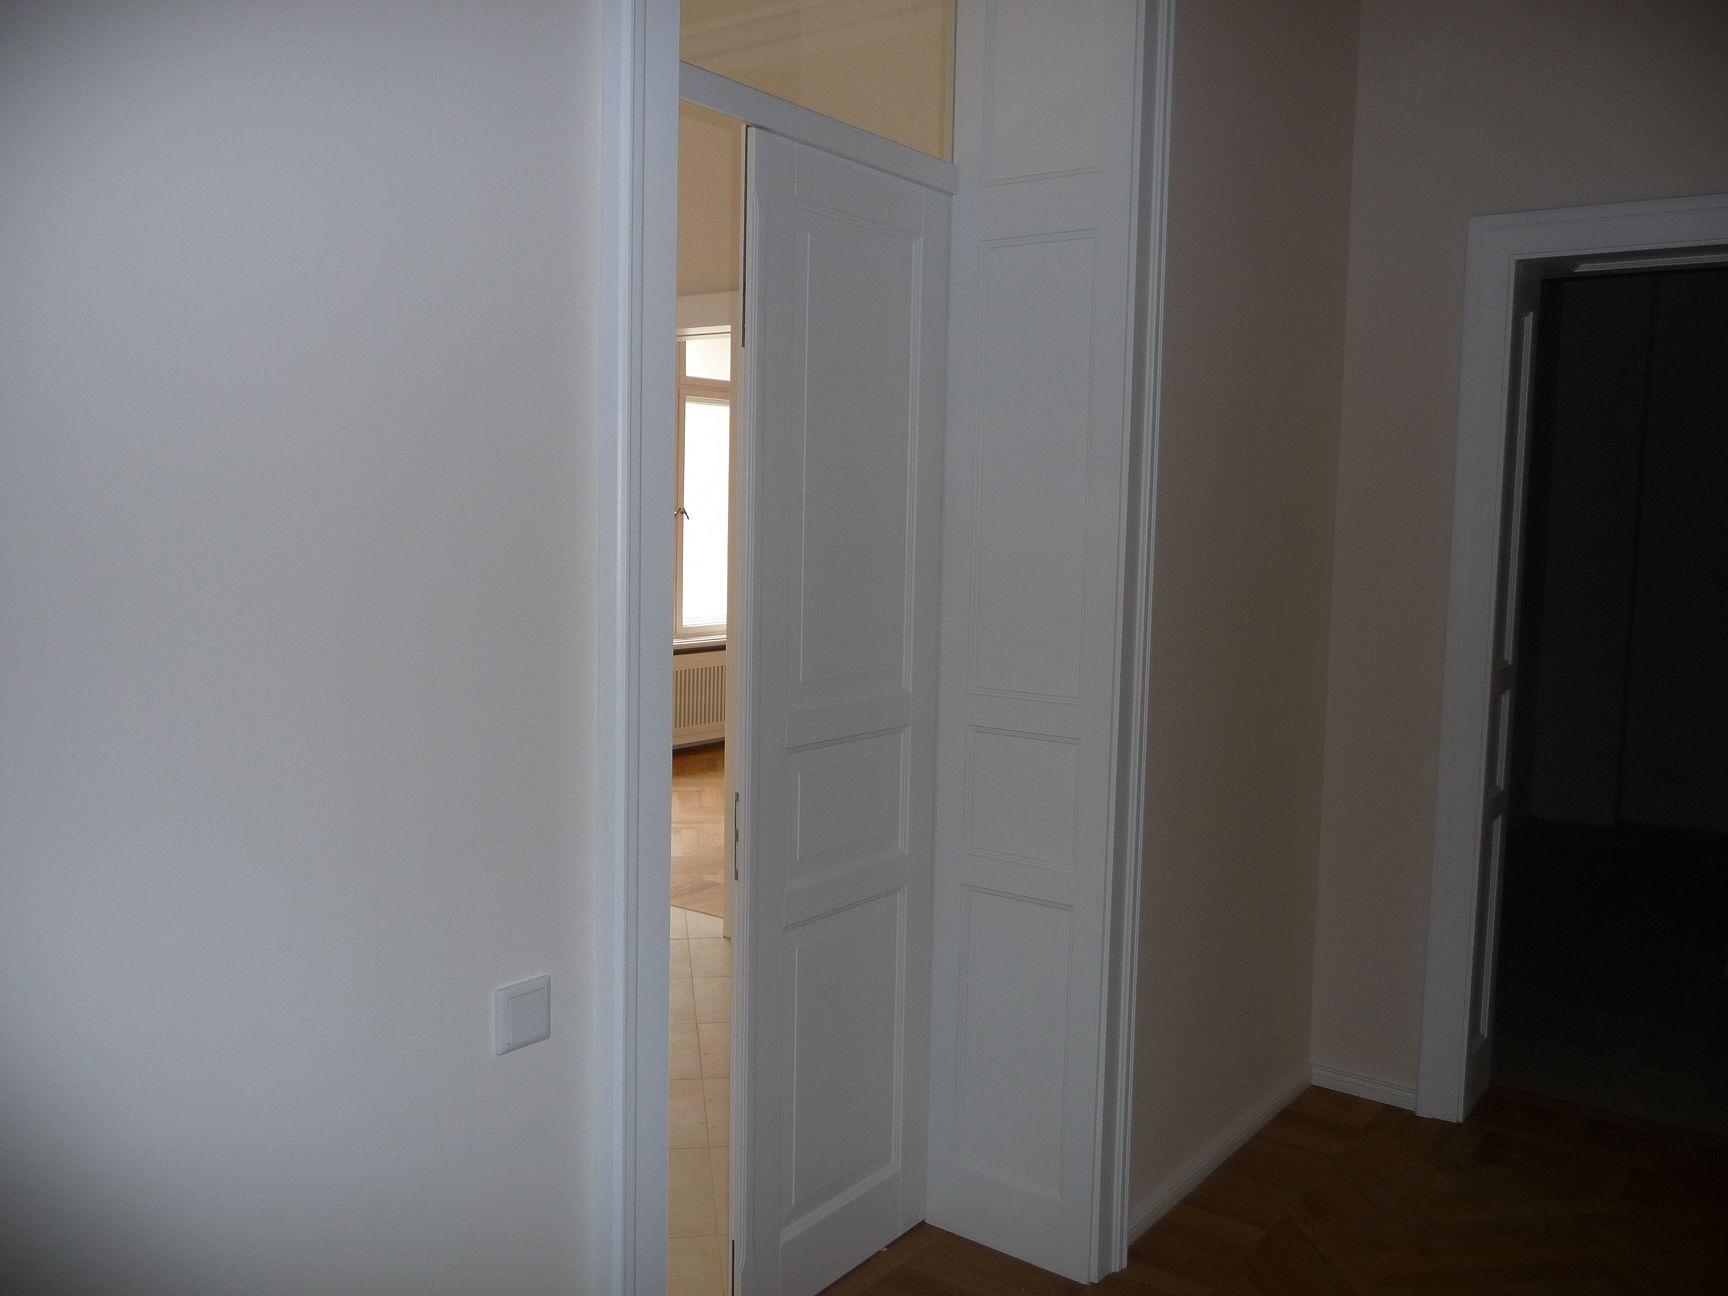 Innentüren: Tischlerei Gebr. Rammelt GmbH Weimar